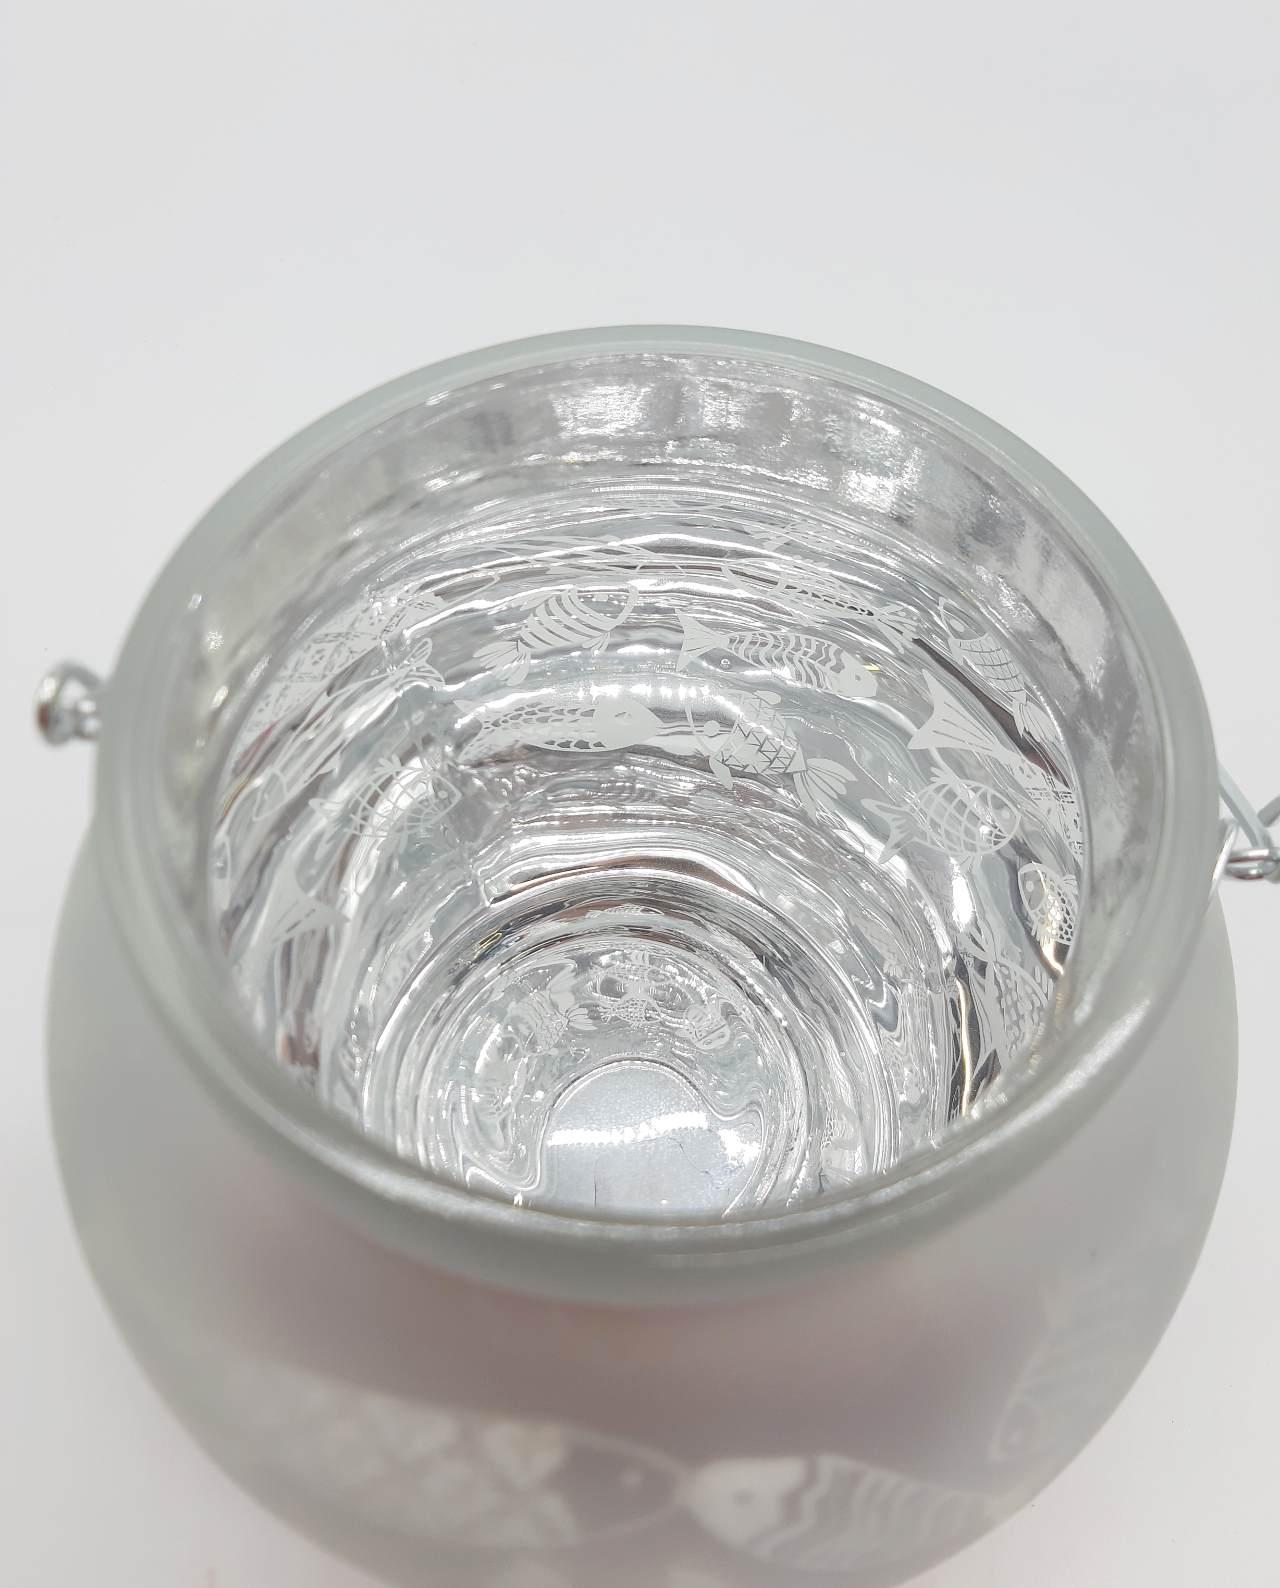 Φαναράκι για ρεσώ γυάλινο άσπρο στρογγυλό με ψαράκια φωτισμενο